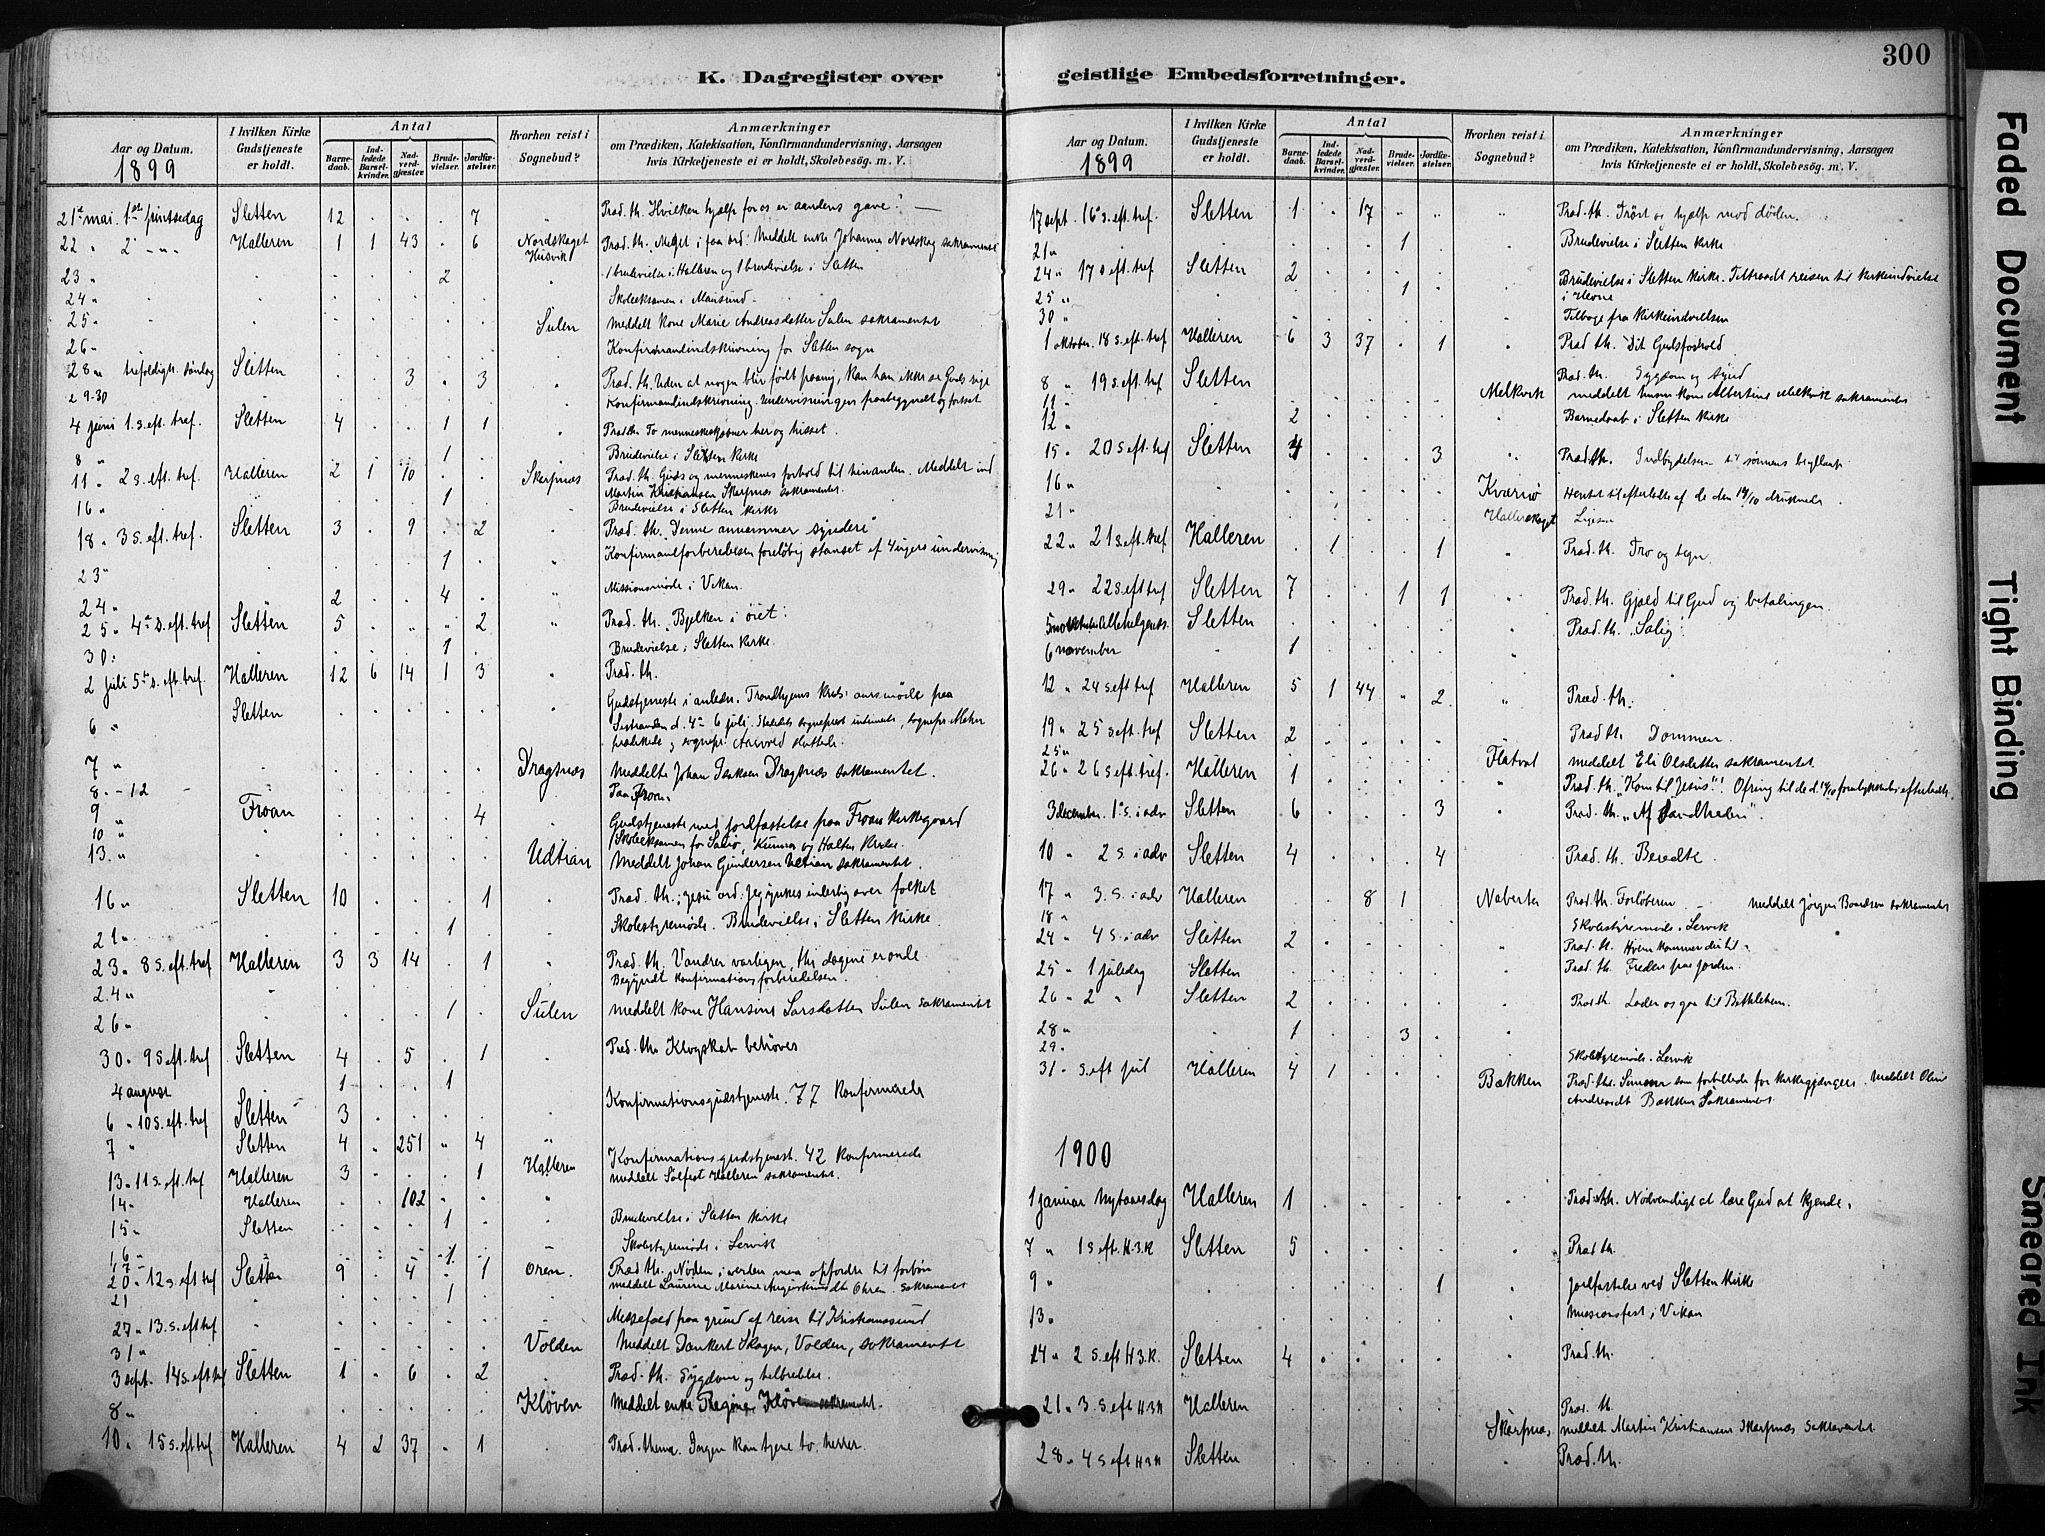 SAT, Ministerialprotokoller, klokkerbøker og fødselsregistre - Sør-Trøndelag, 640/L0579: Ministerialbok nr. 640A04, 1889-1902, s. 300